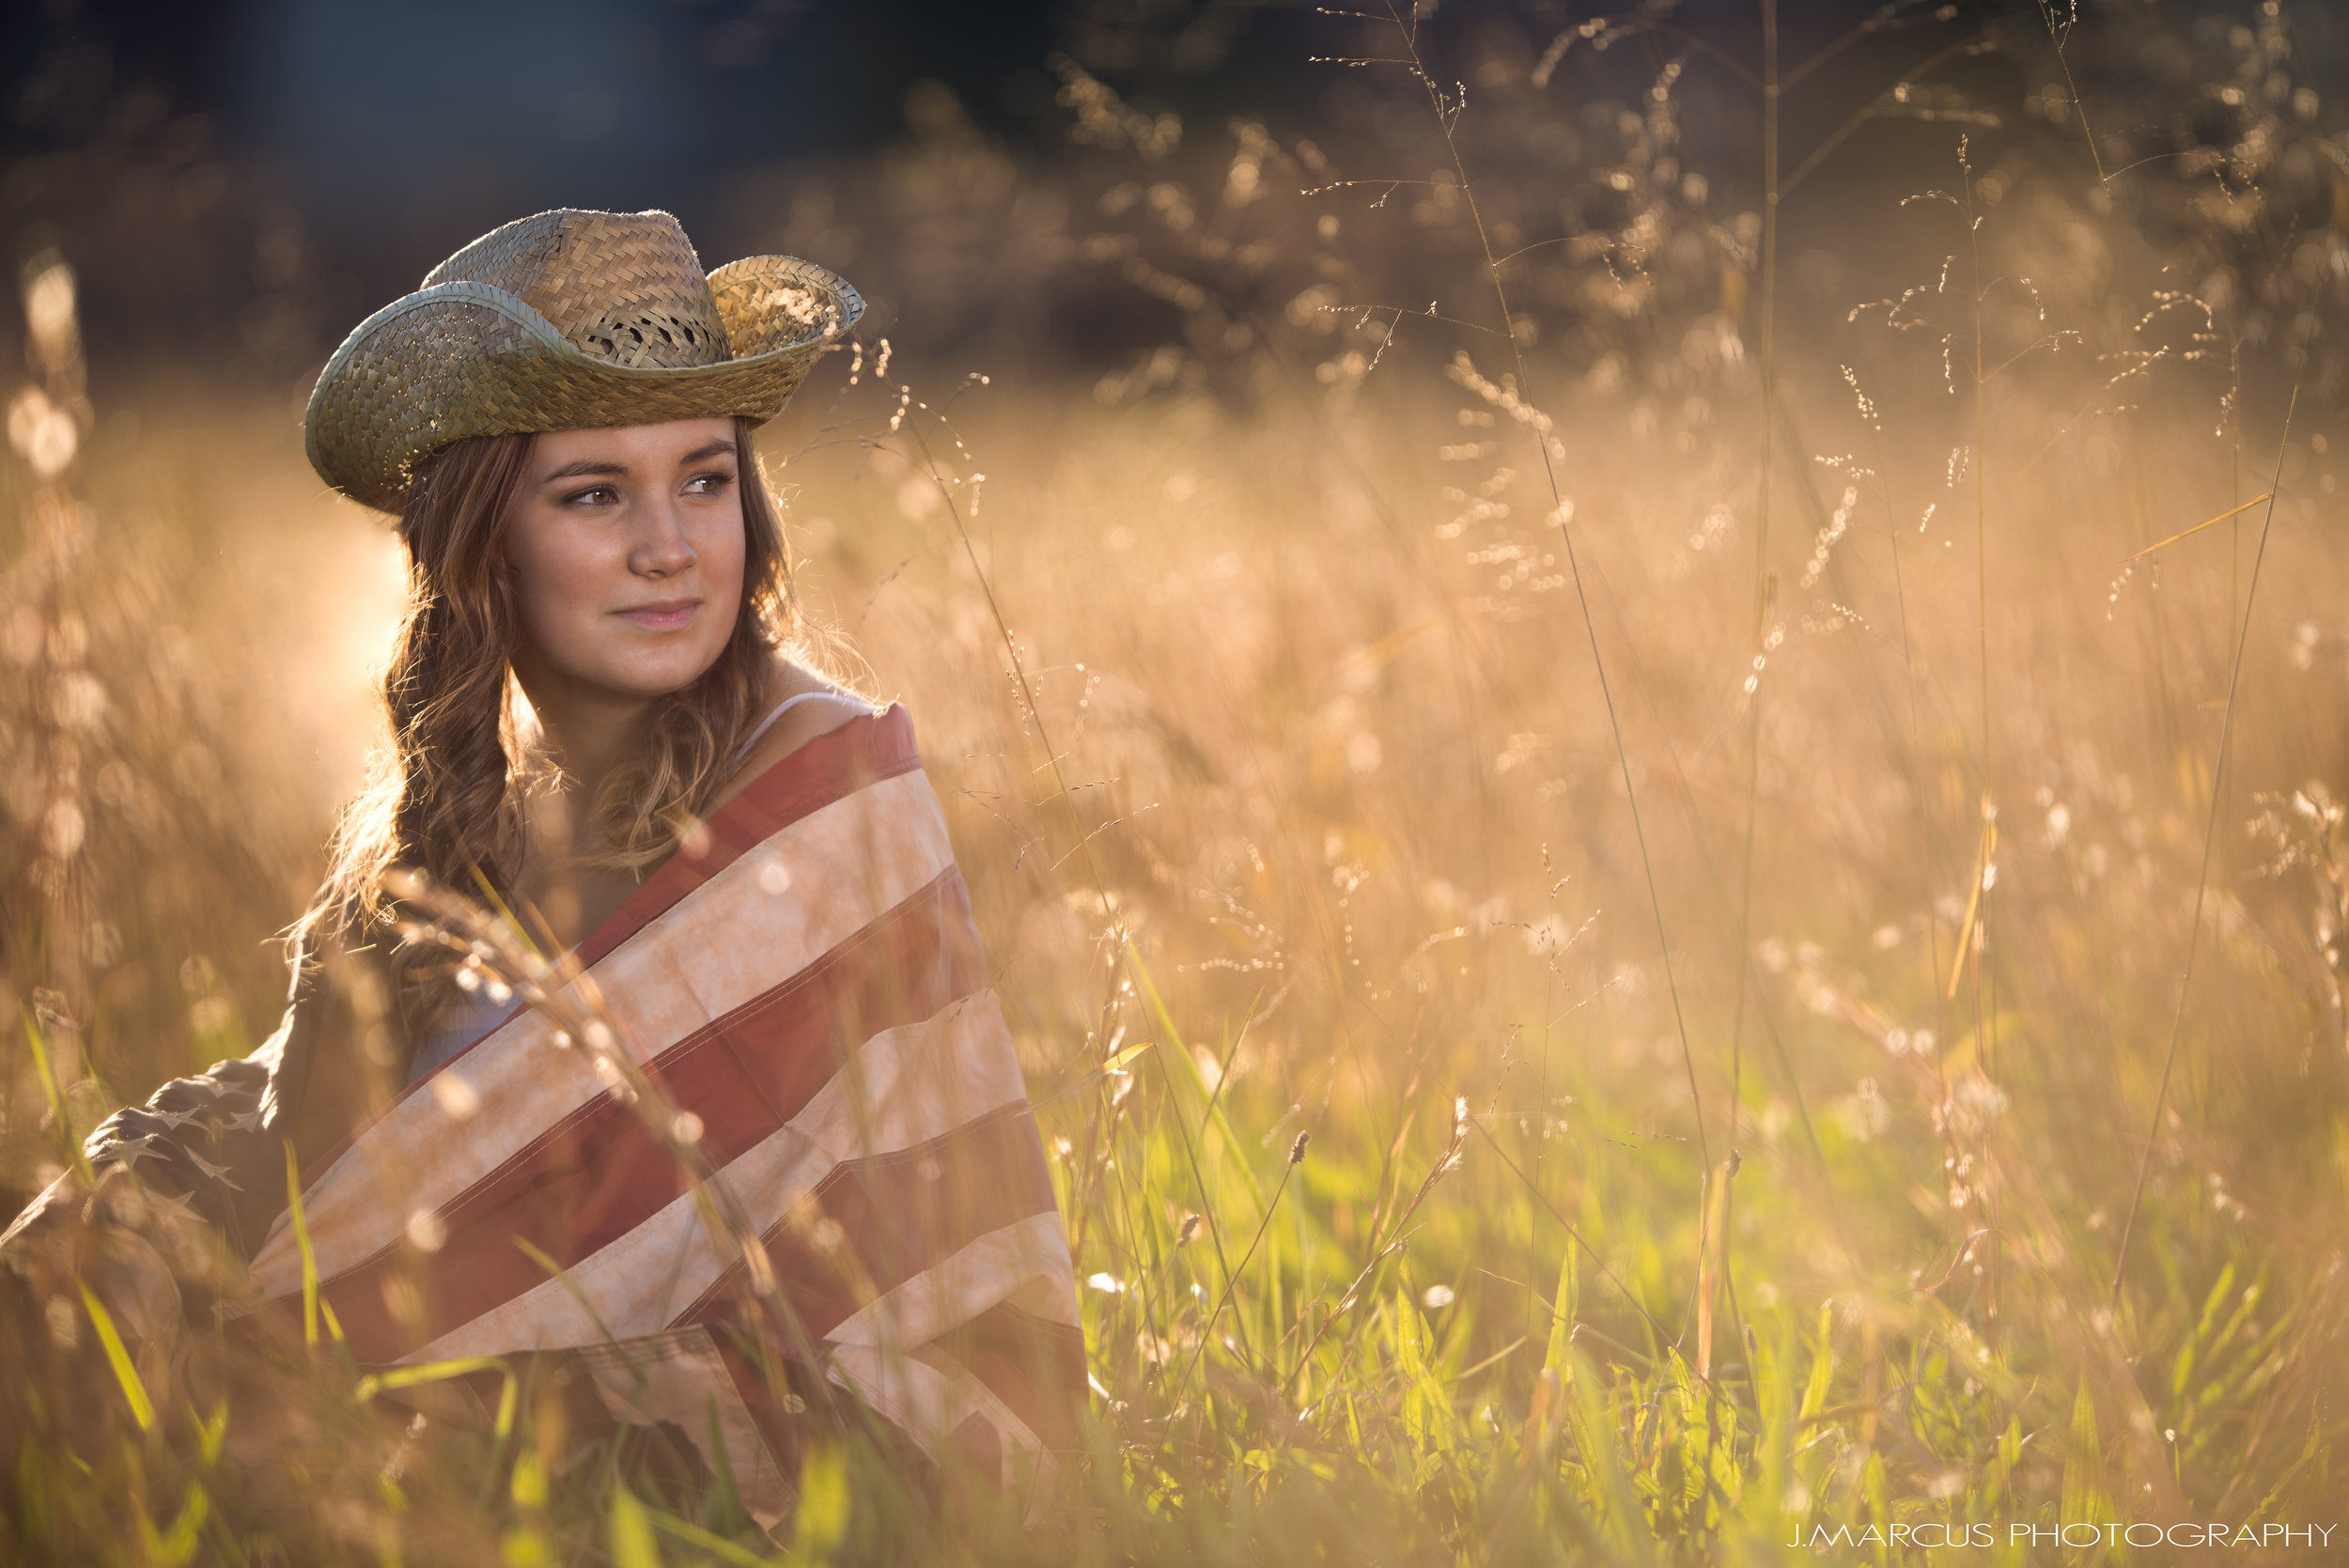 Cowboy hat flag sit 1 wm.jpg